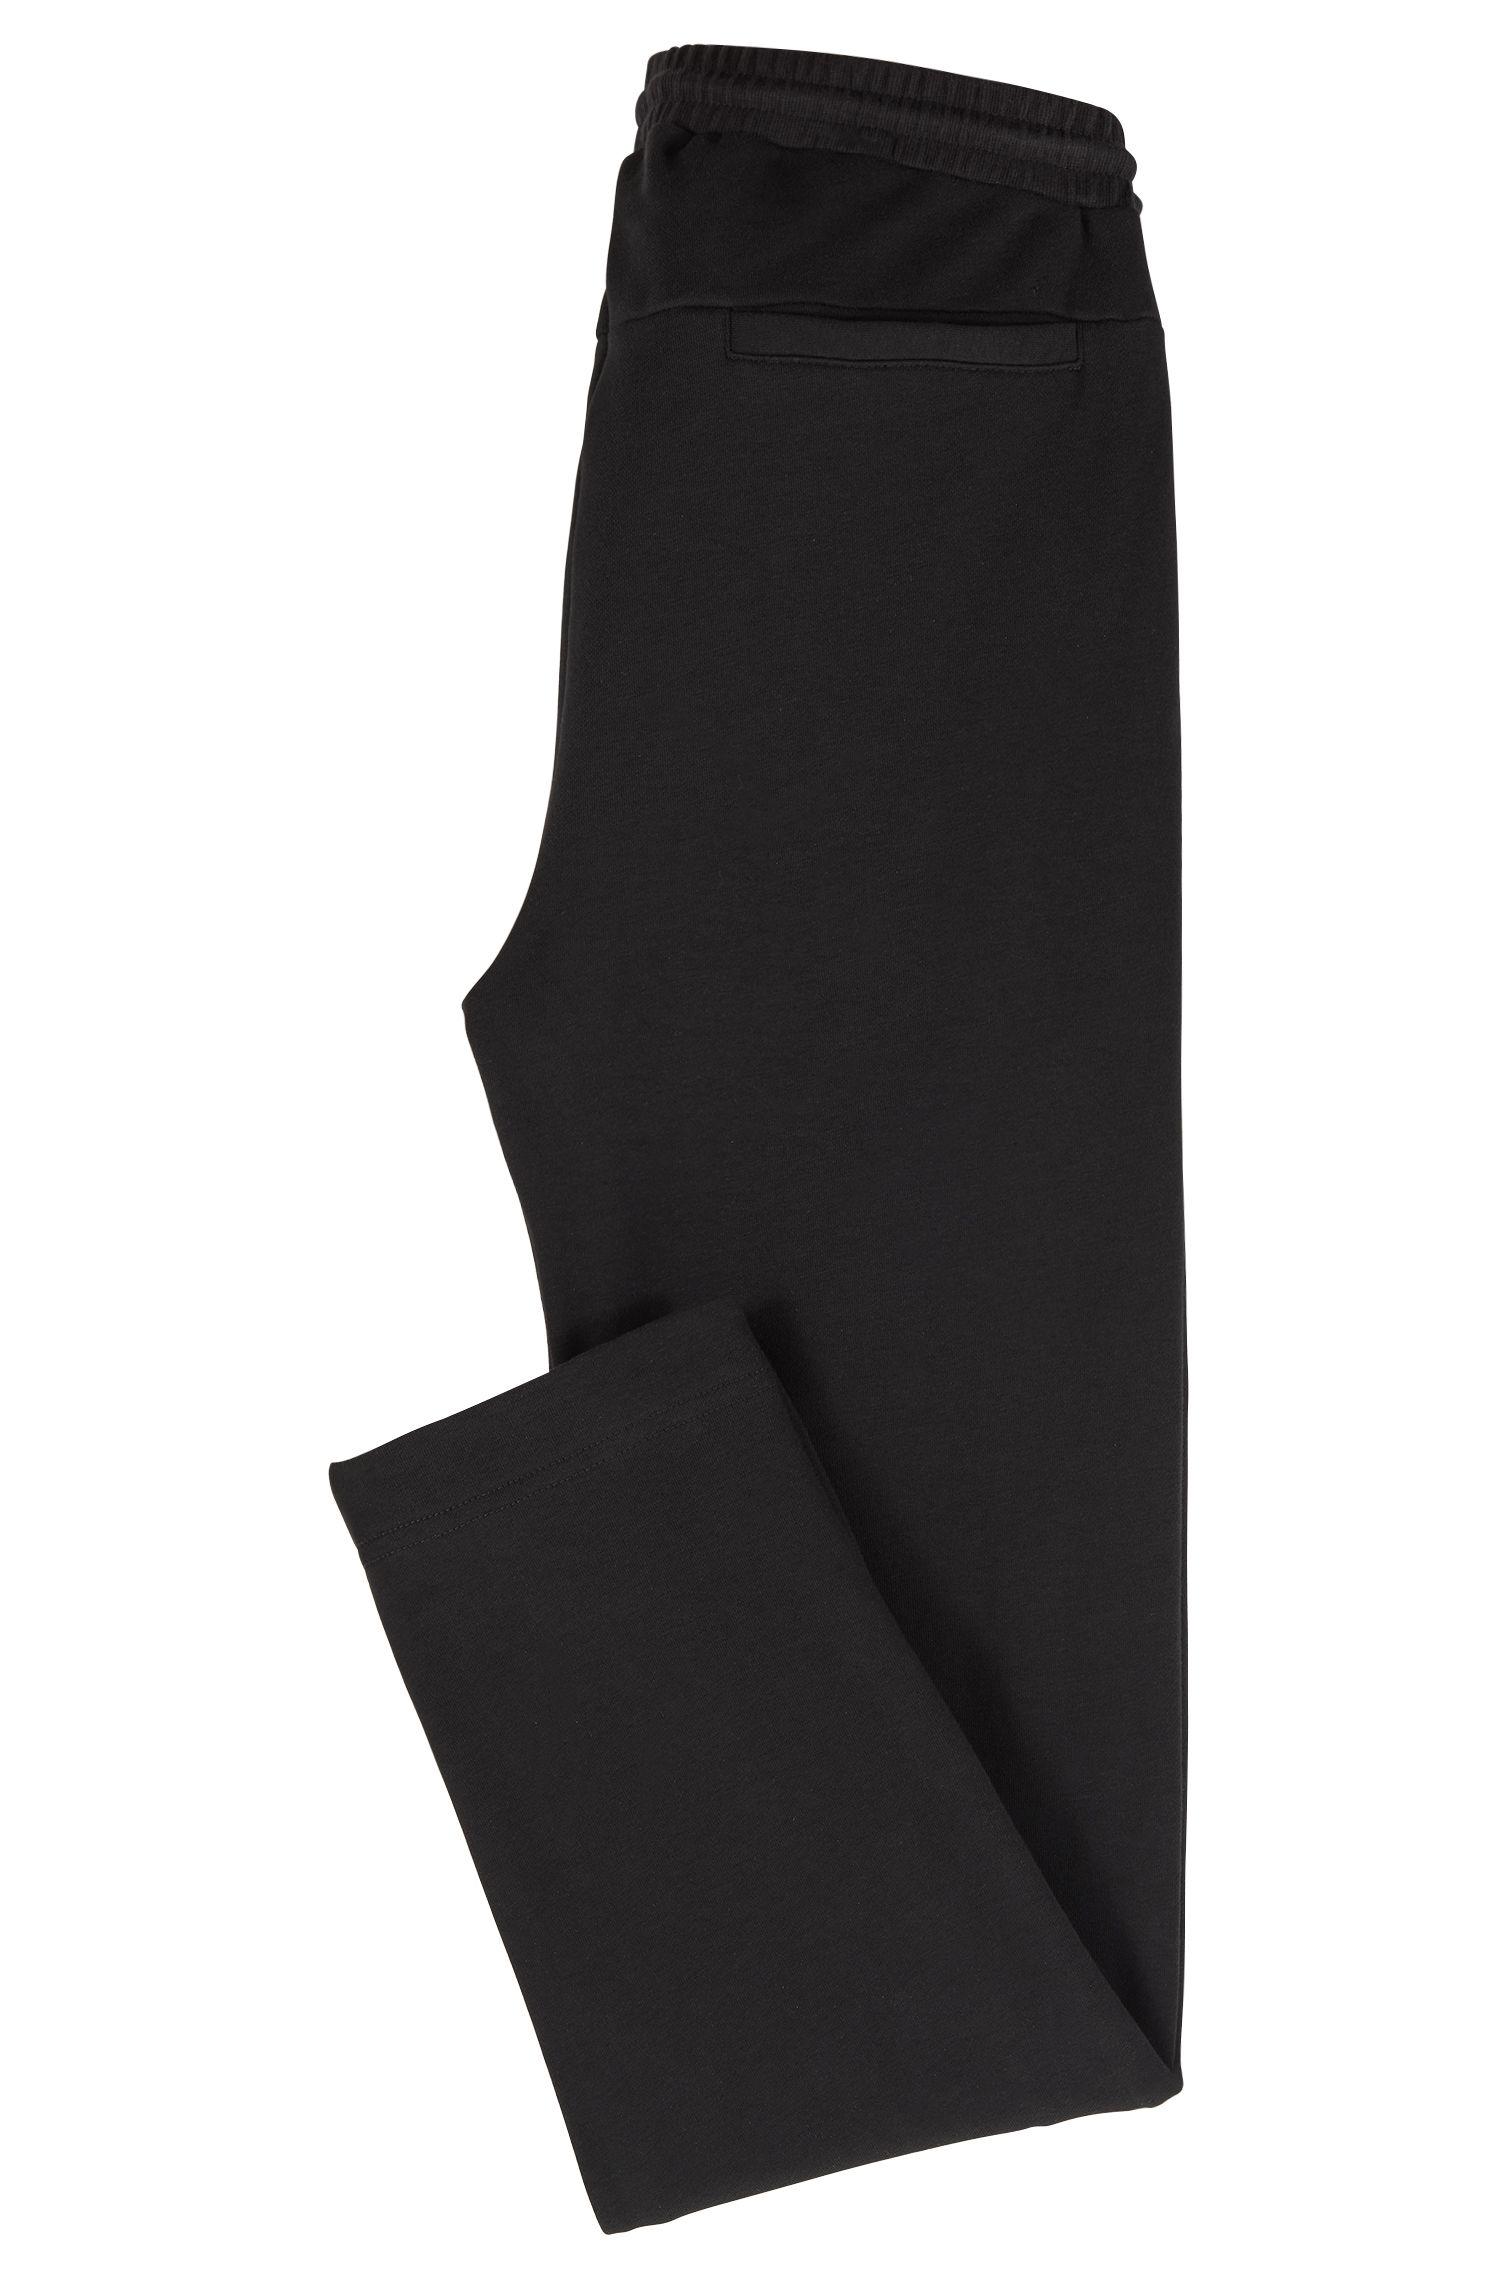 Pantalon long en molleton avec empiècements à rayures, Noir